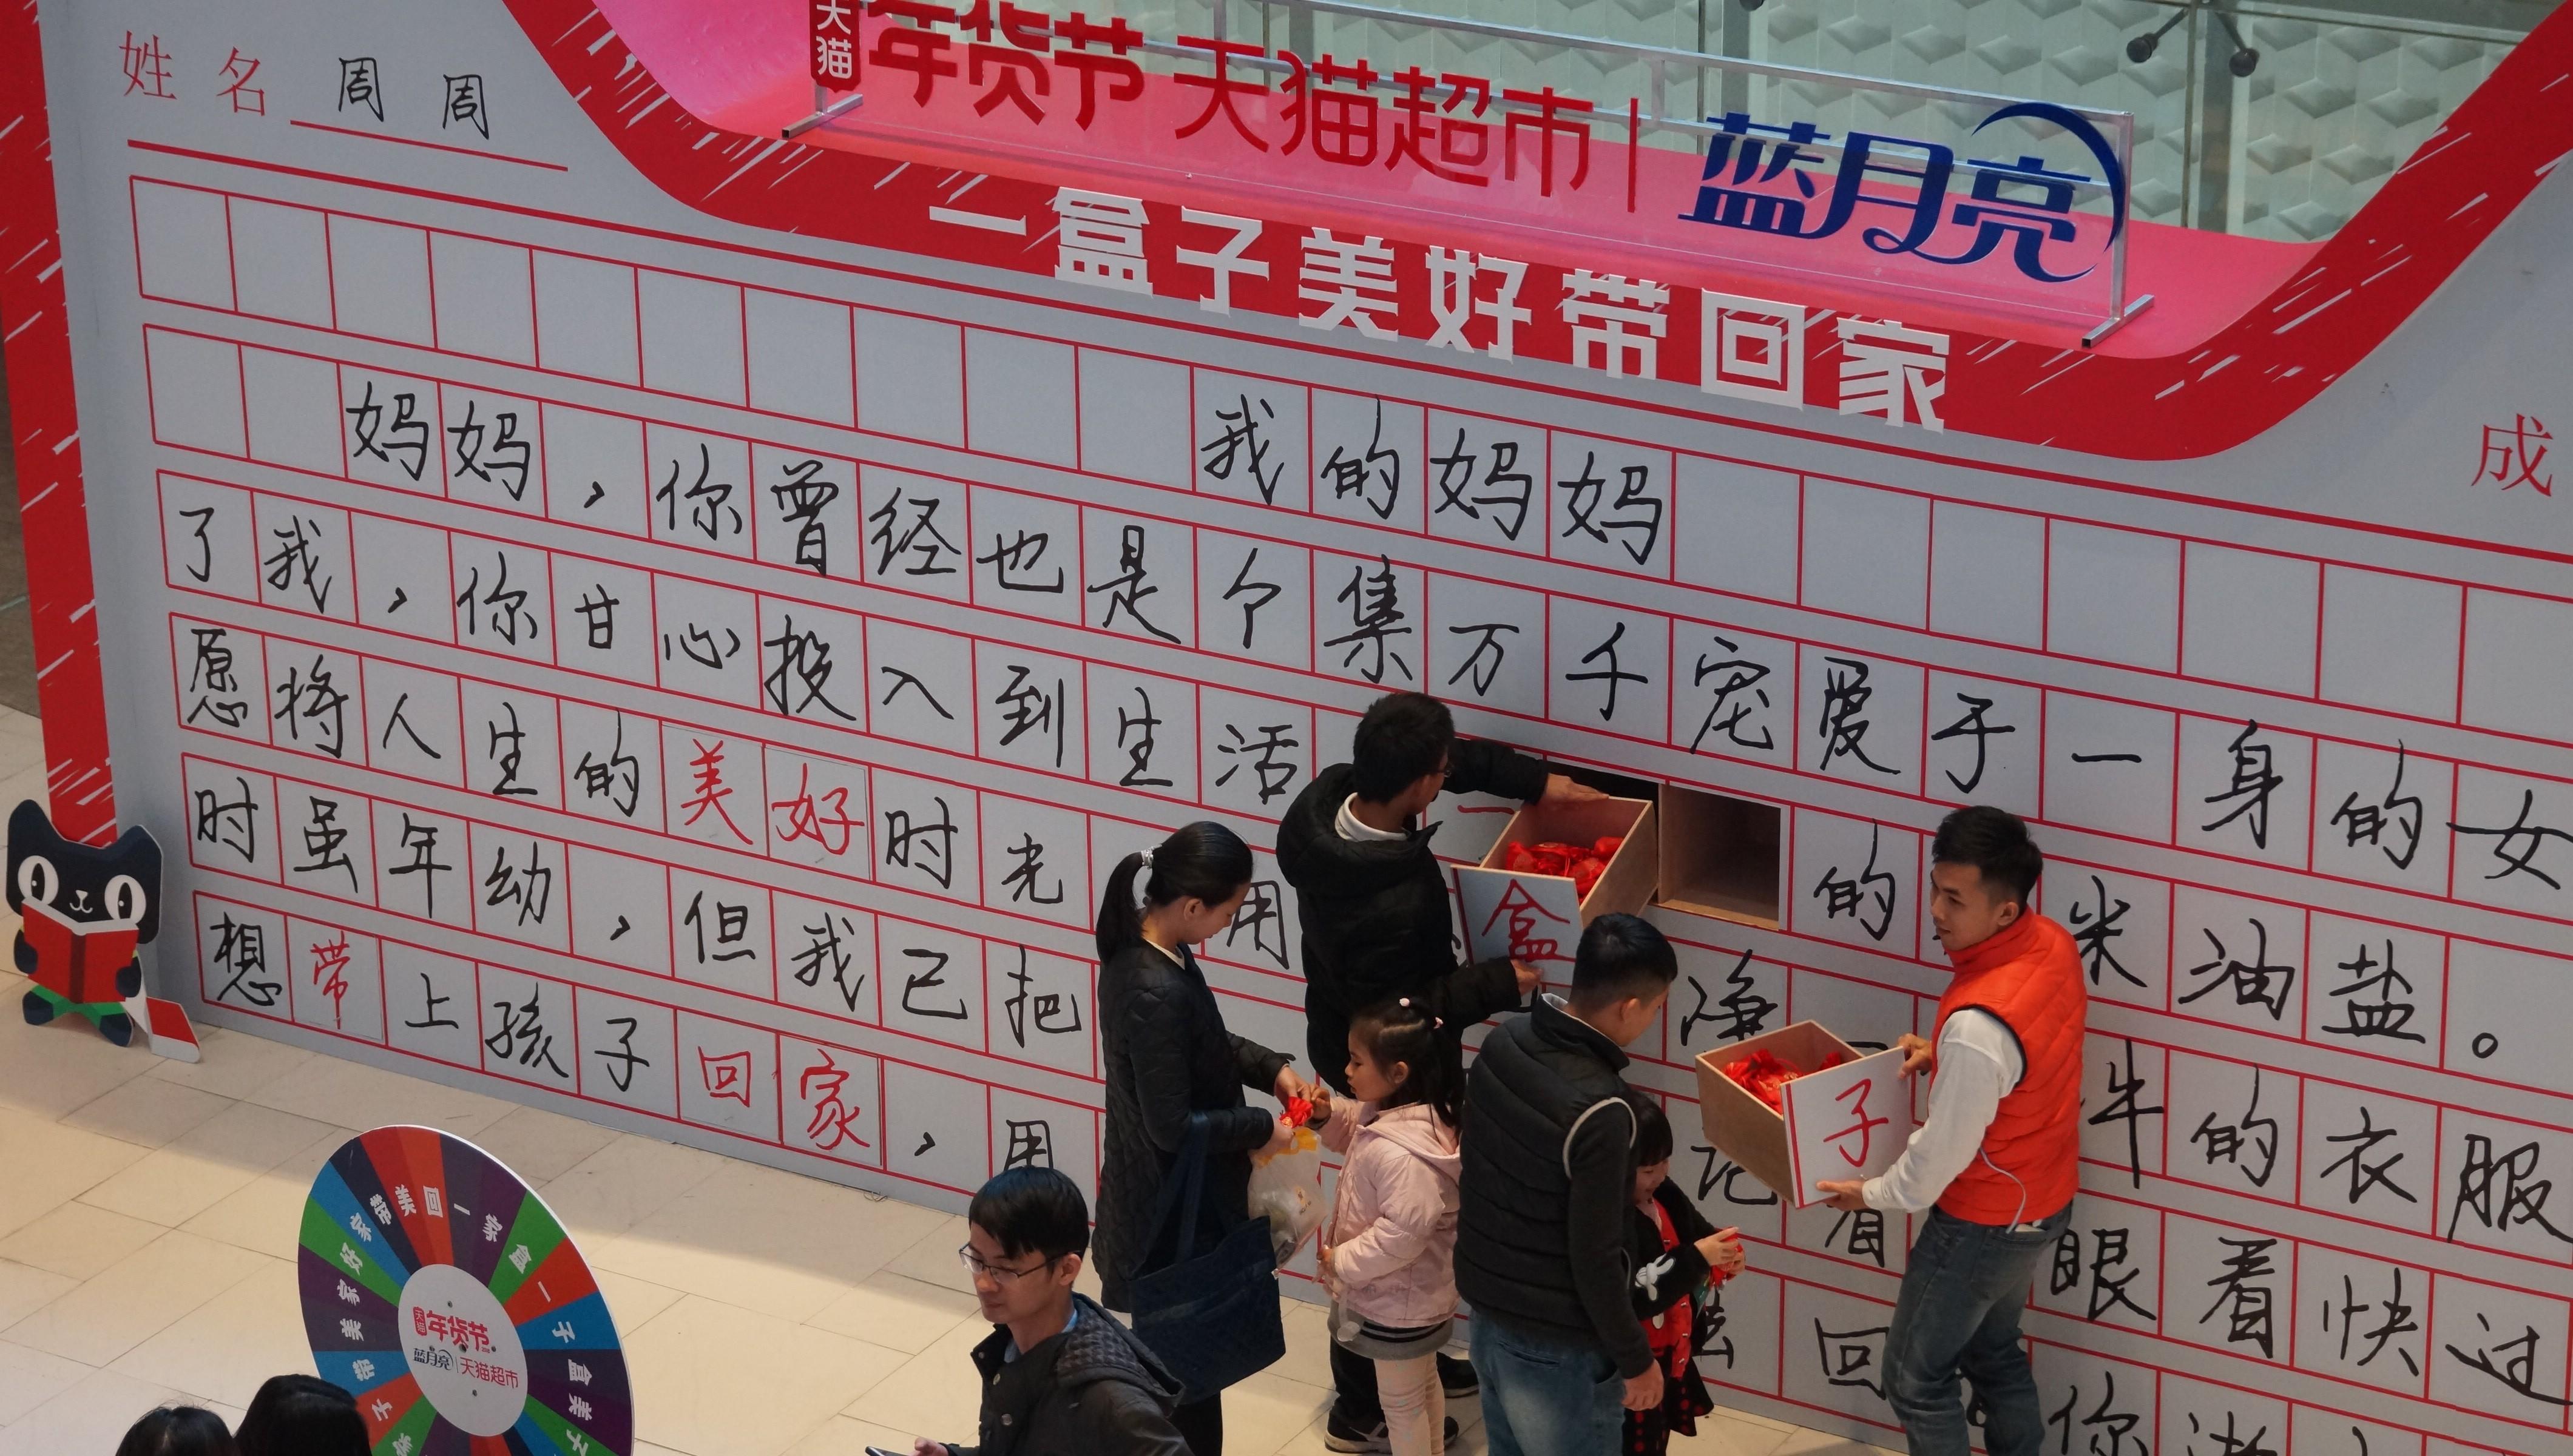 天猫超市年货节增添年味 温暖走心作文墙传递美好